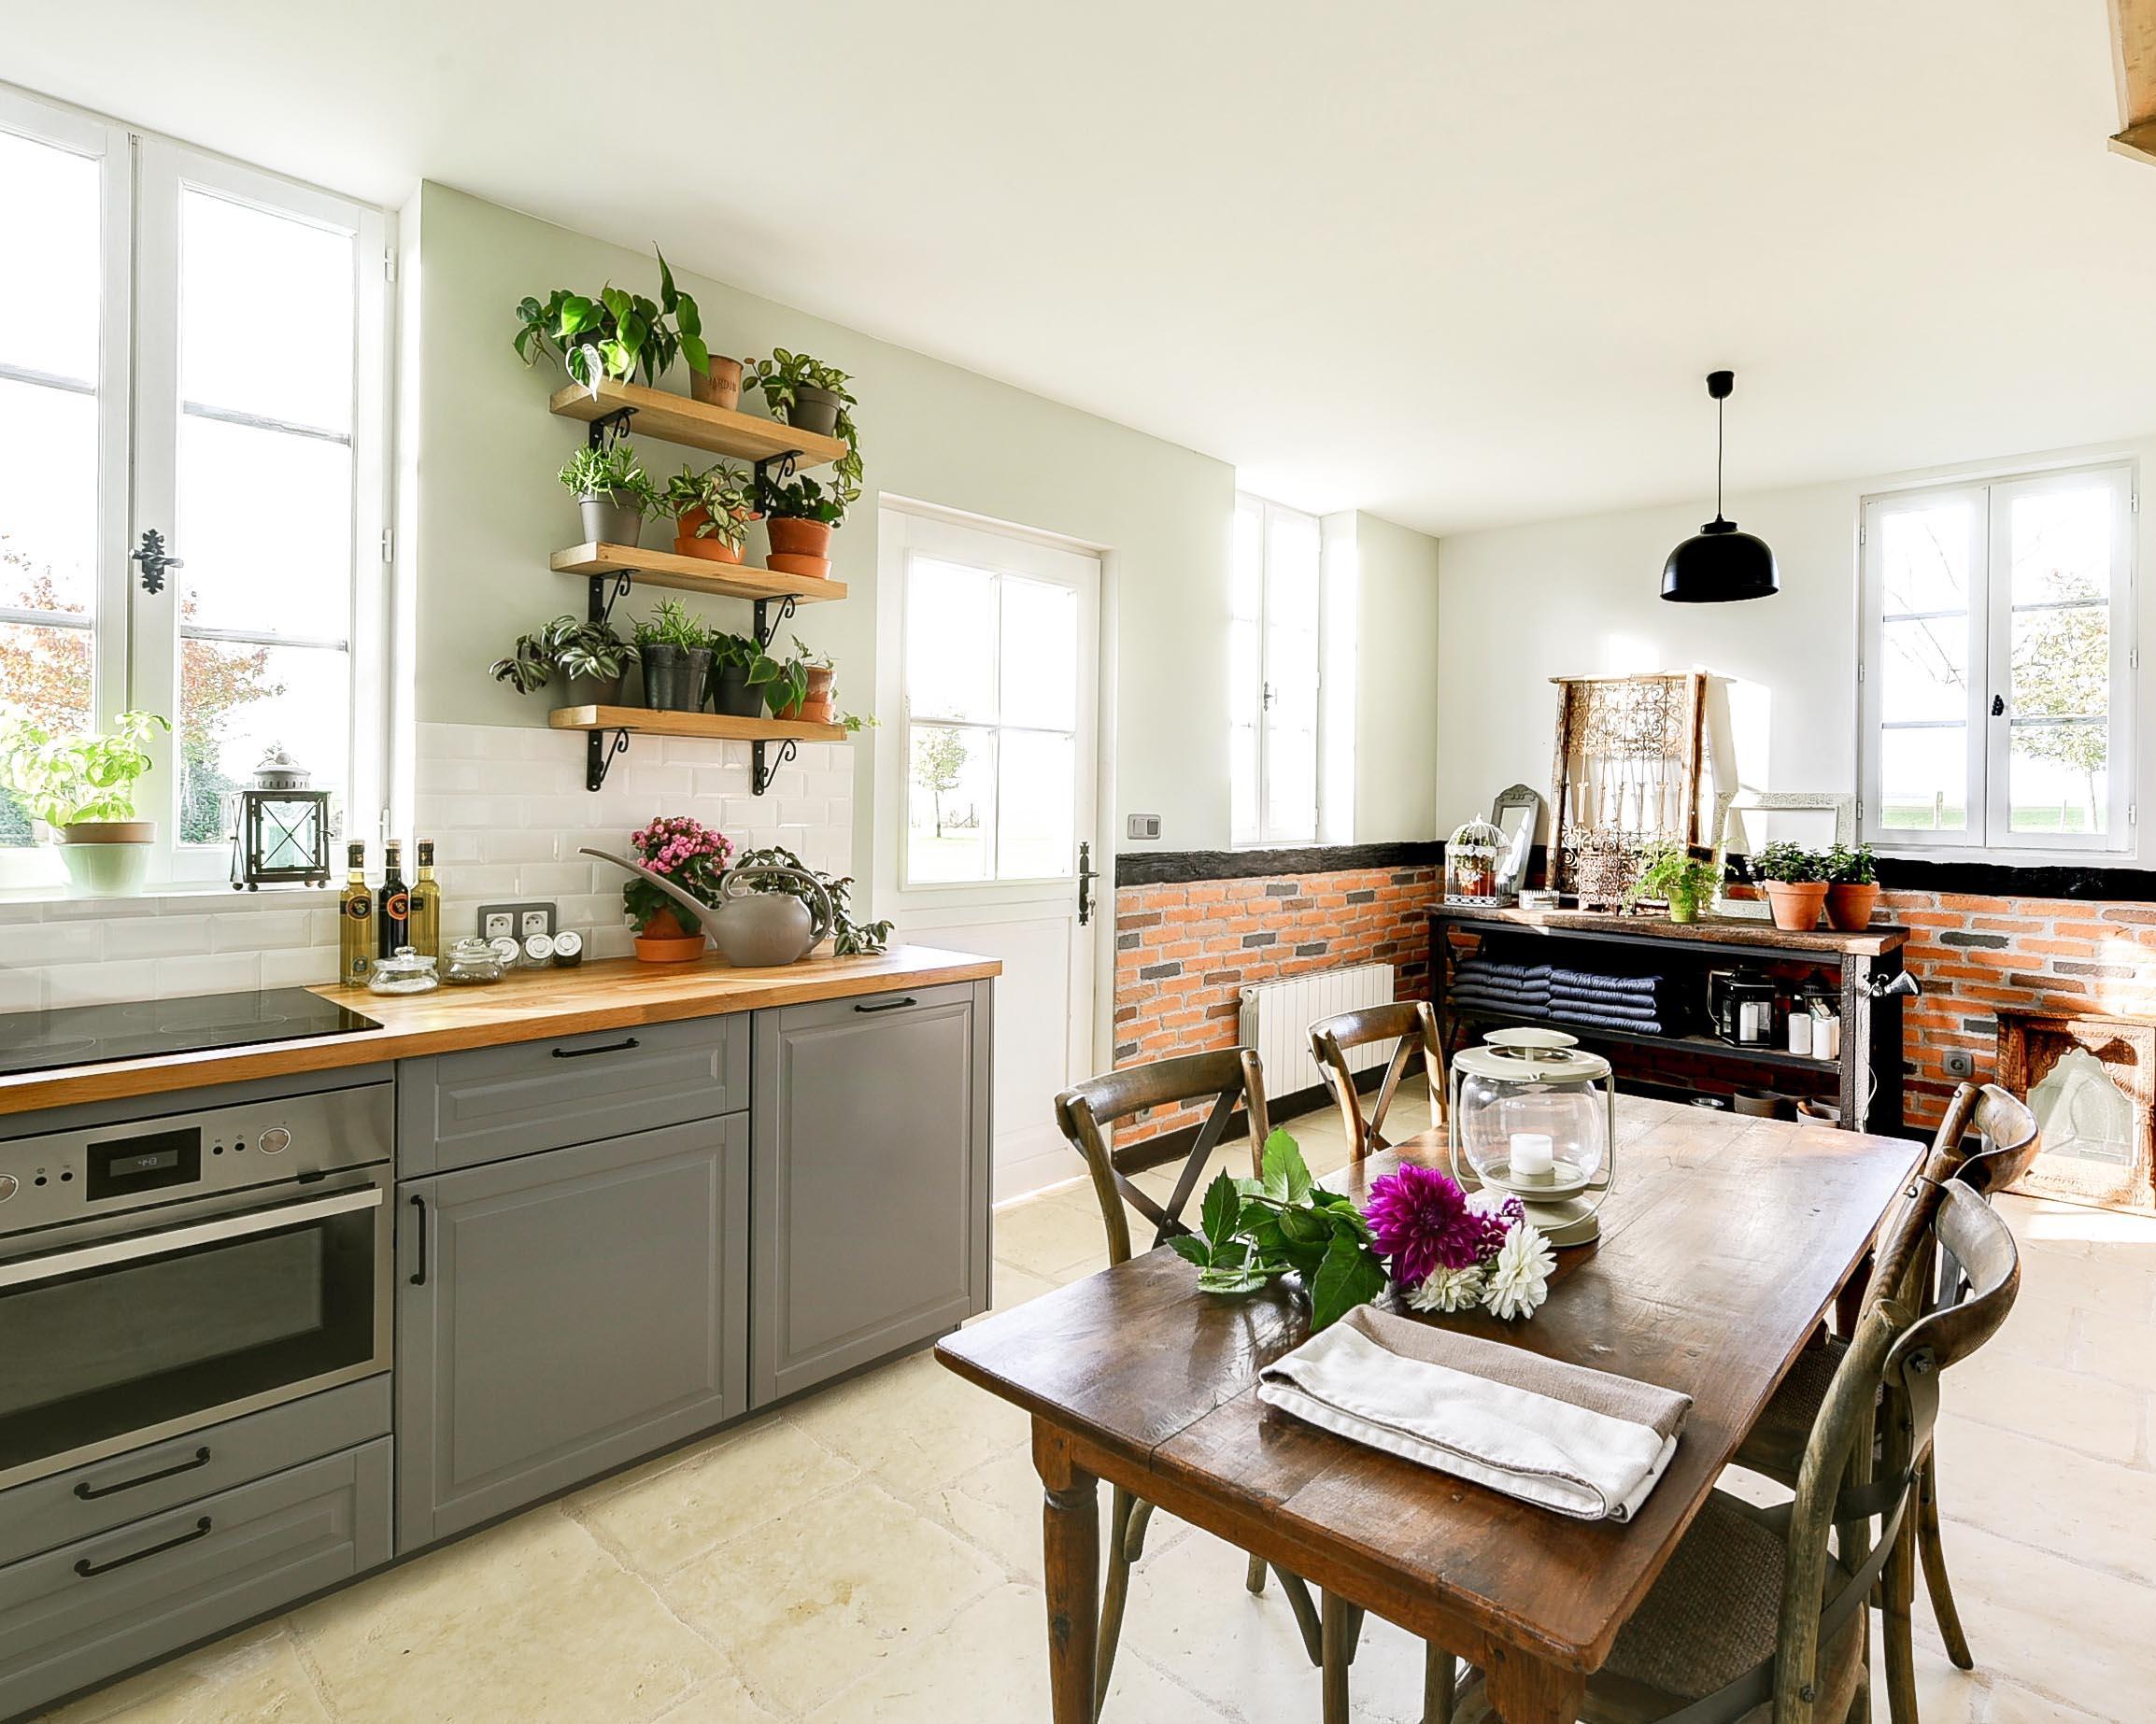 jardin dhiver jardin dhiver with jardin dhiver great jardin dhiver en allemagne avec anmomtre. Black Bedroom Furniture Sets. Home Design Ideas